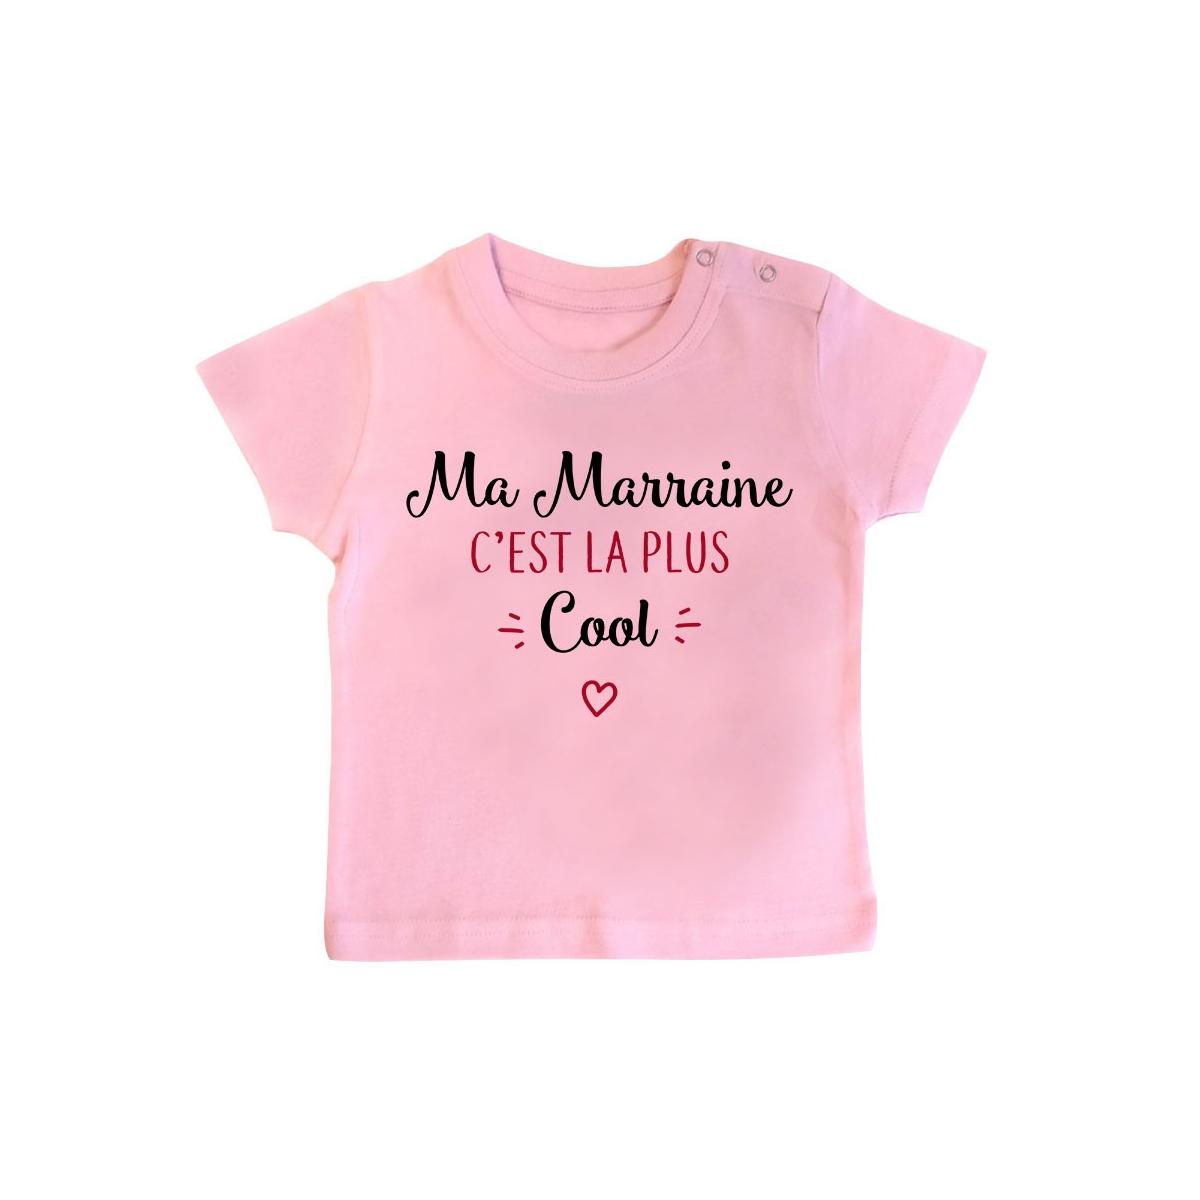 T-Shirt bébé Ma marraine c'est la plus cool